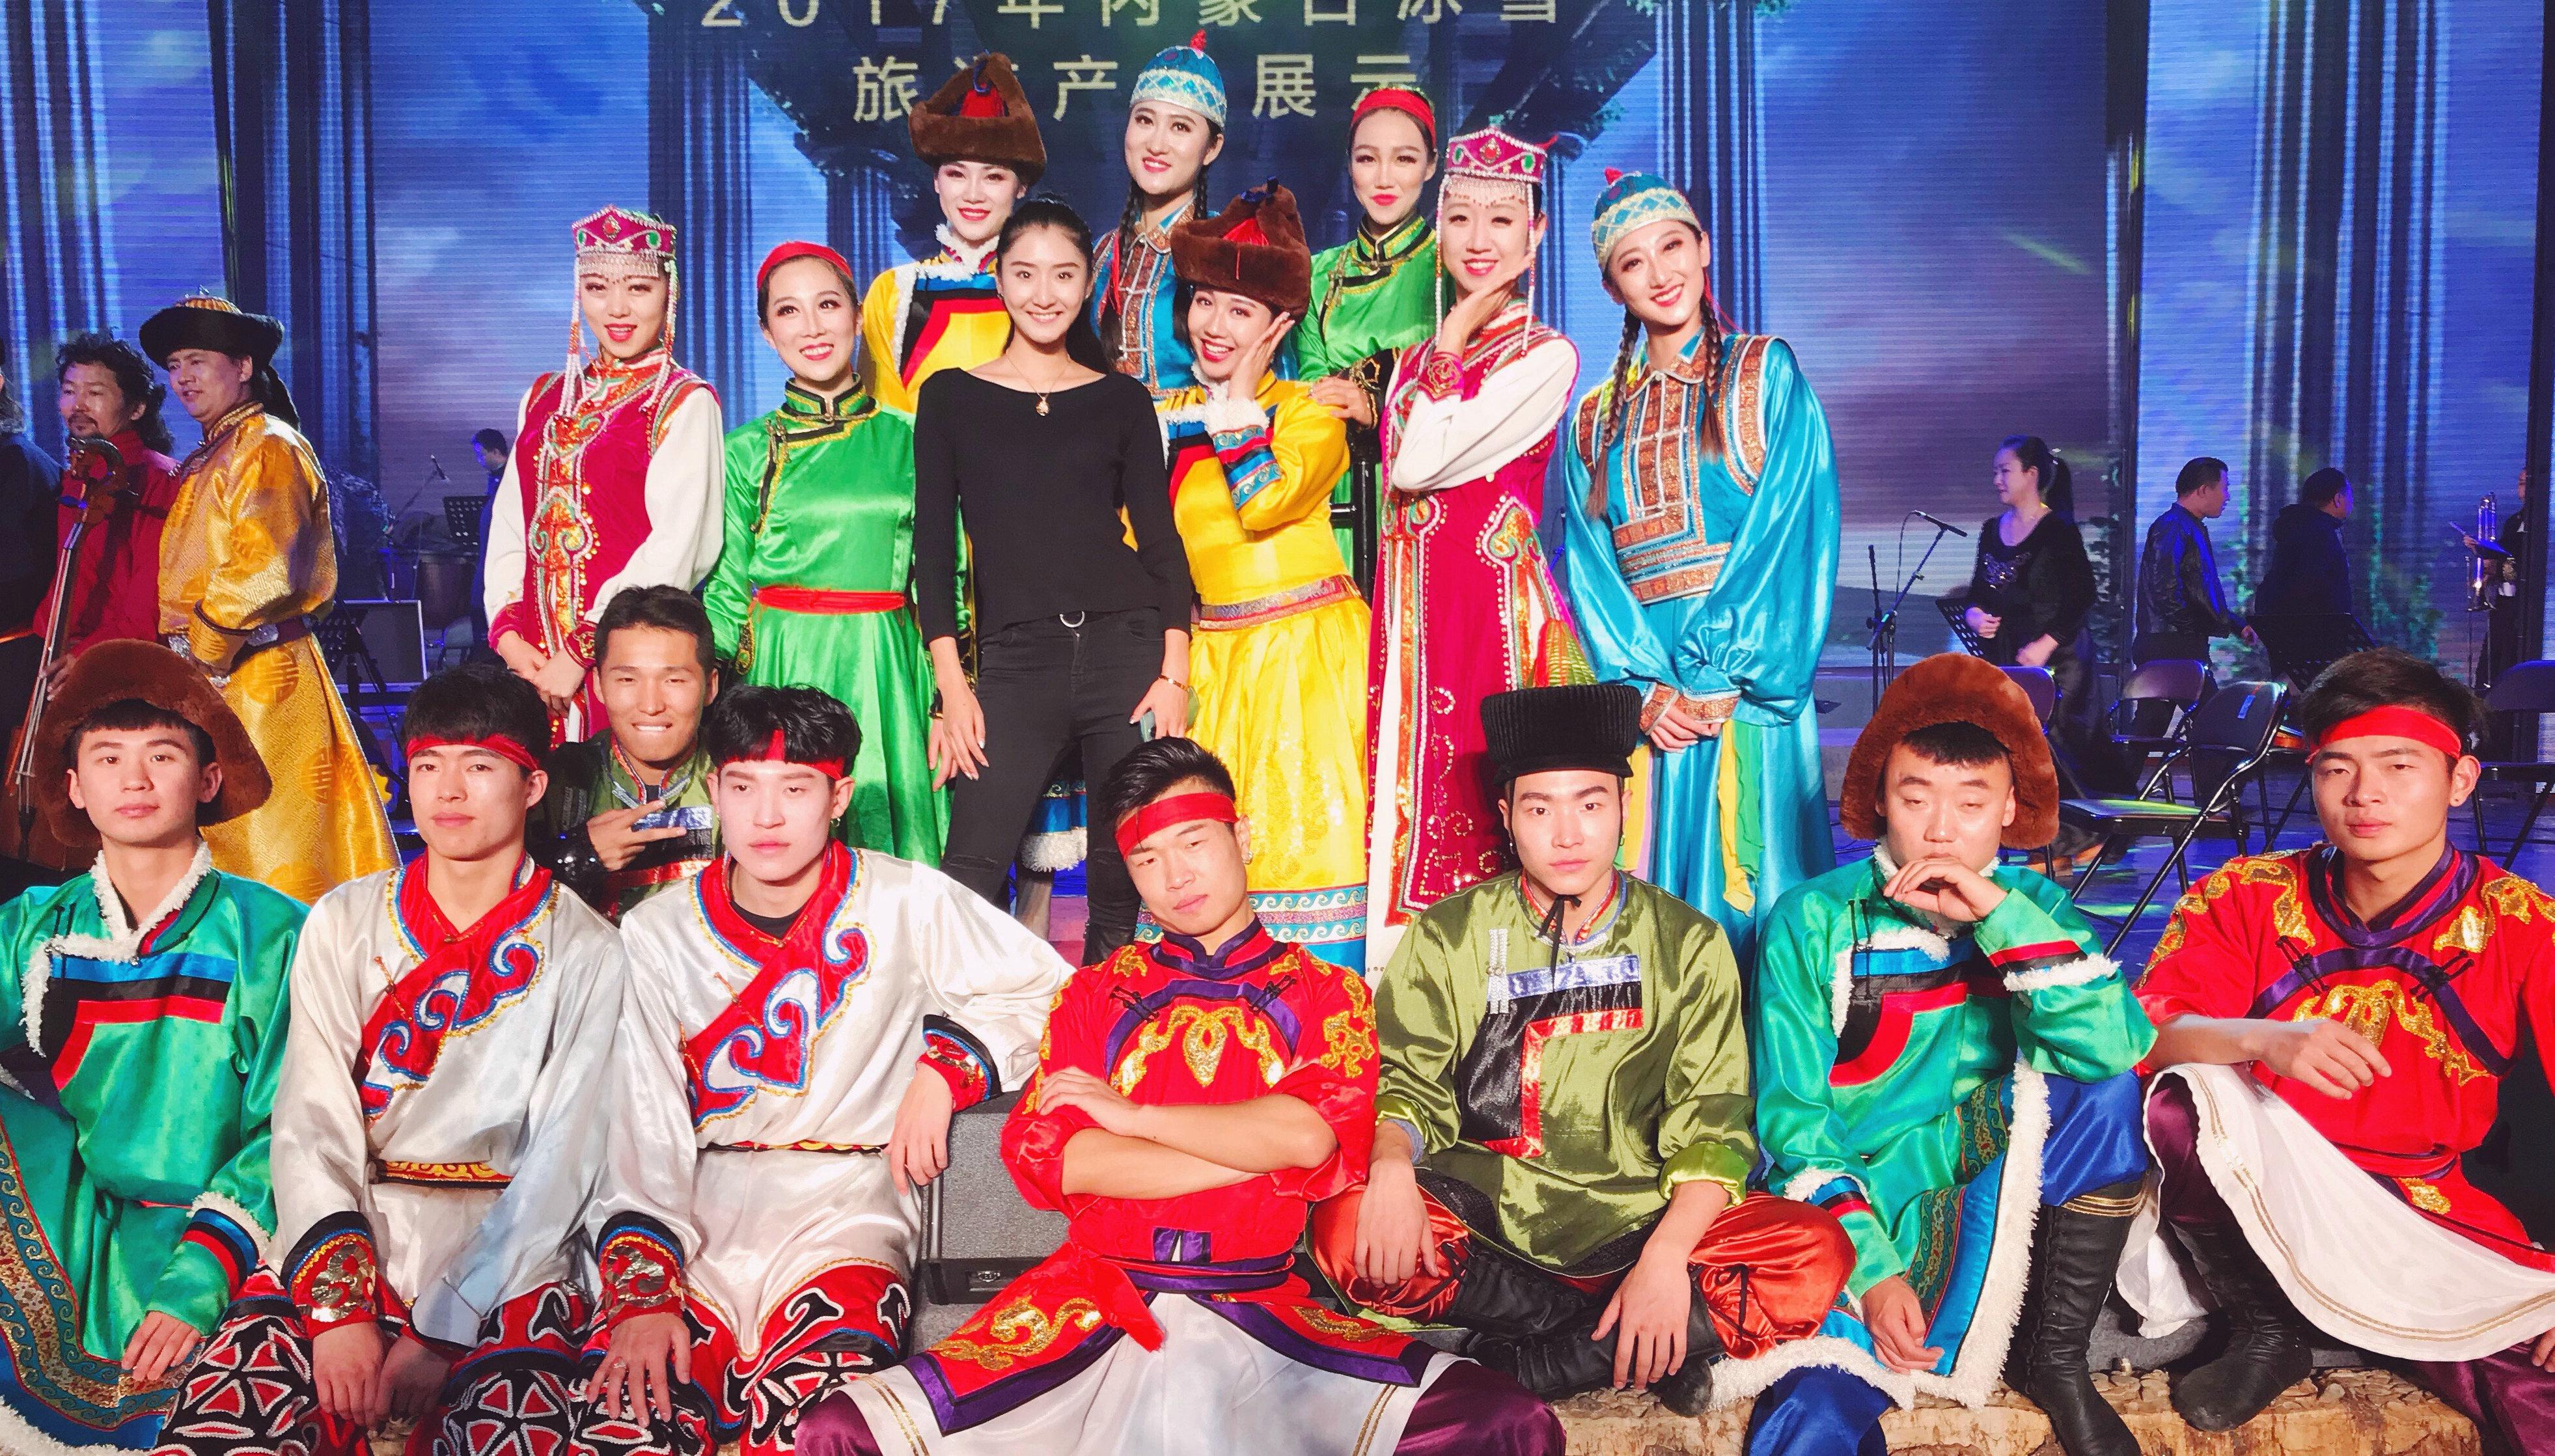 傳播民族文化是青年舞者義不容辭的責任